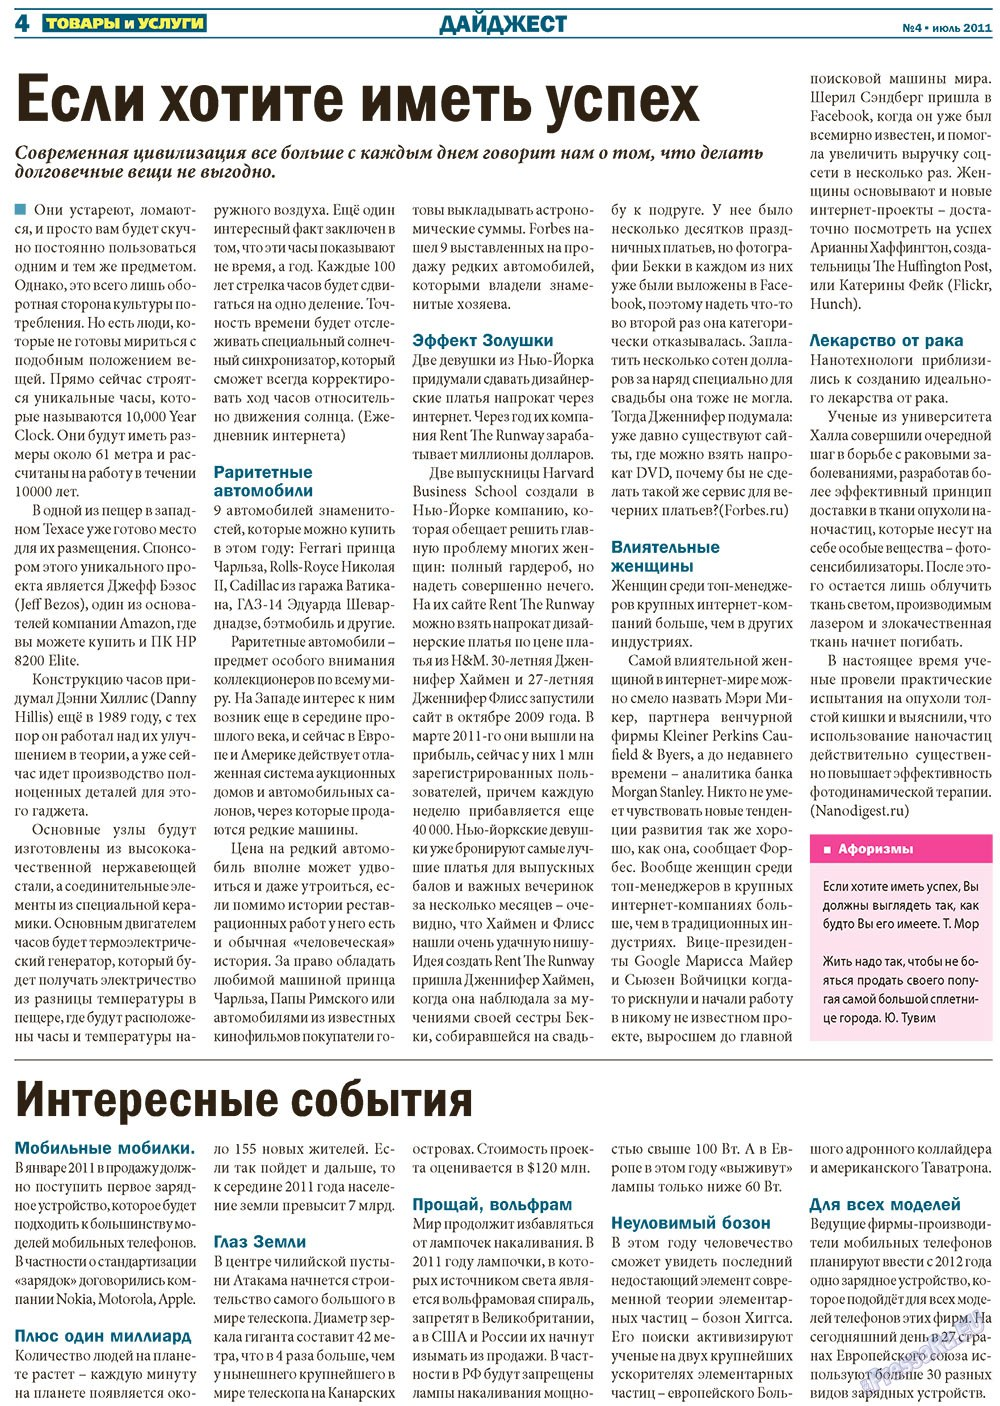 Товары и услуги (газета). 2011 год, номер 4, стр. 4